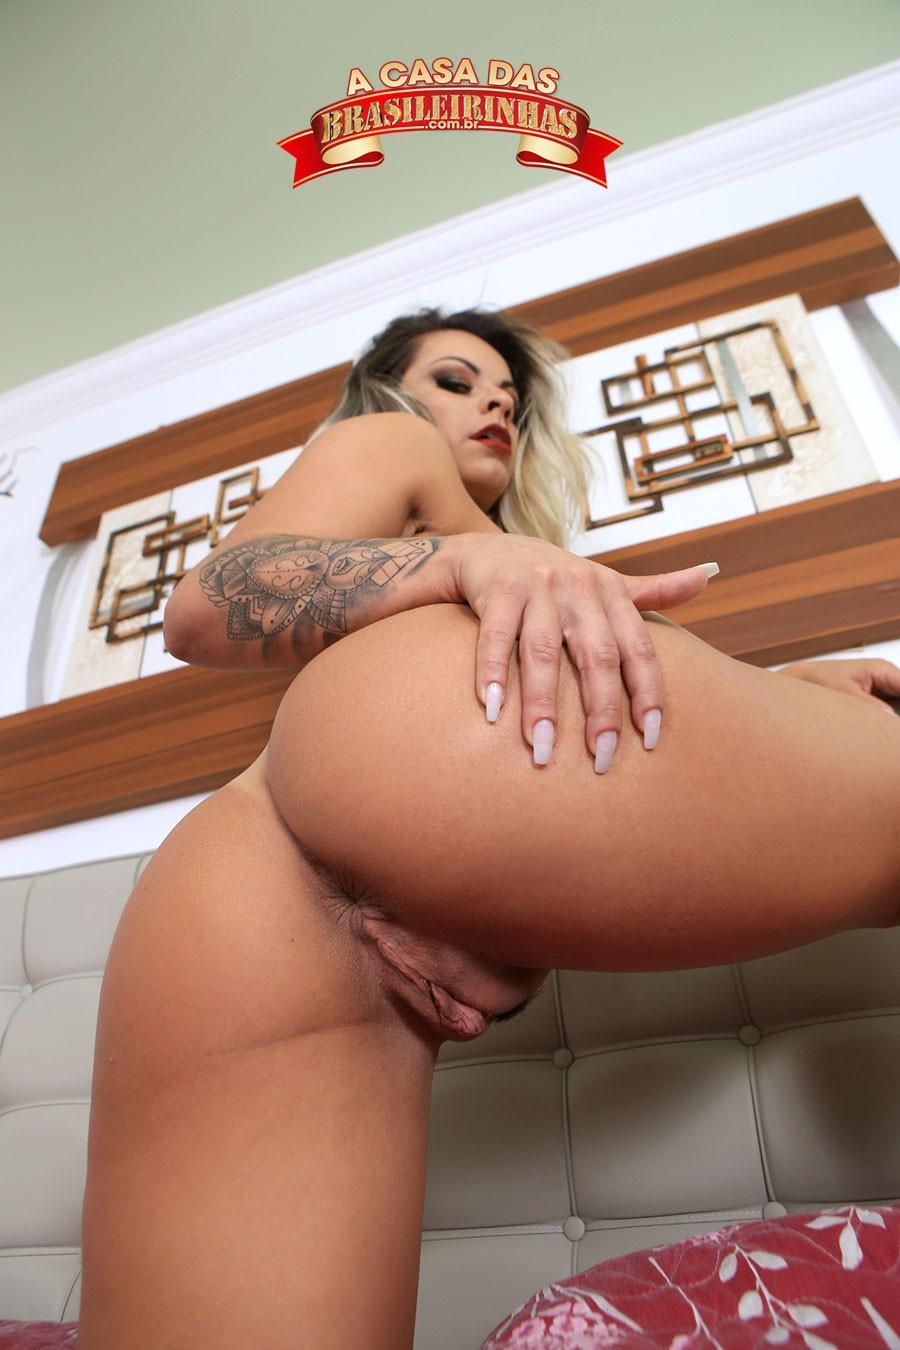 pornstar-Melissa-Pitanga-na-Brasileirinhas.jpg